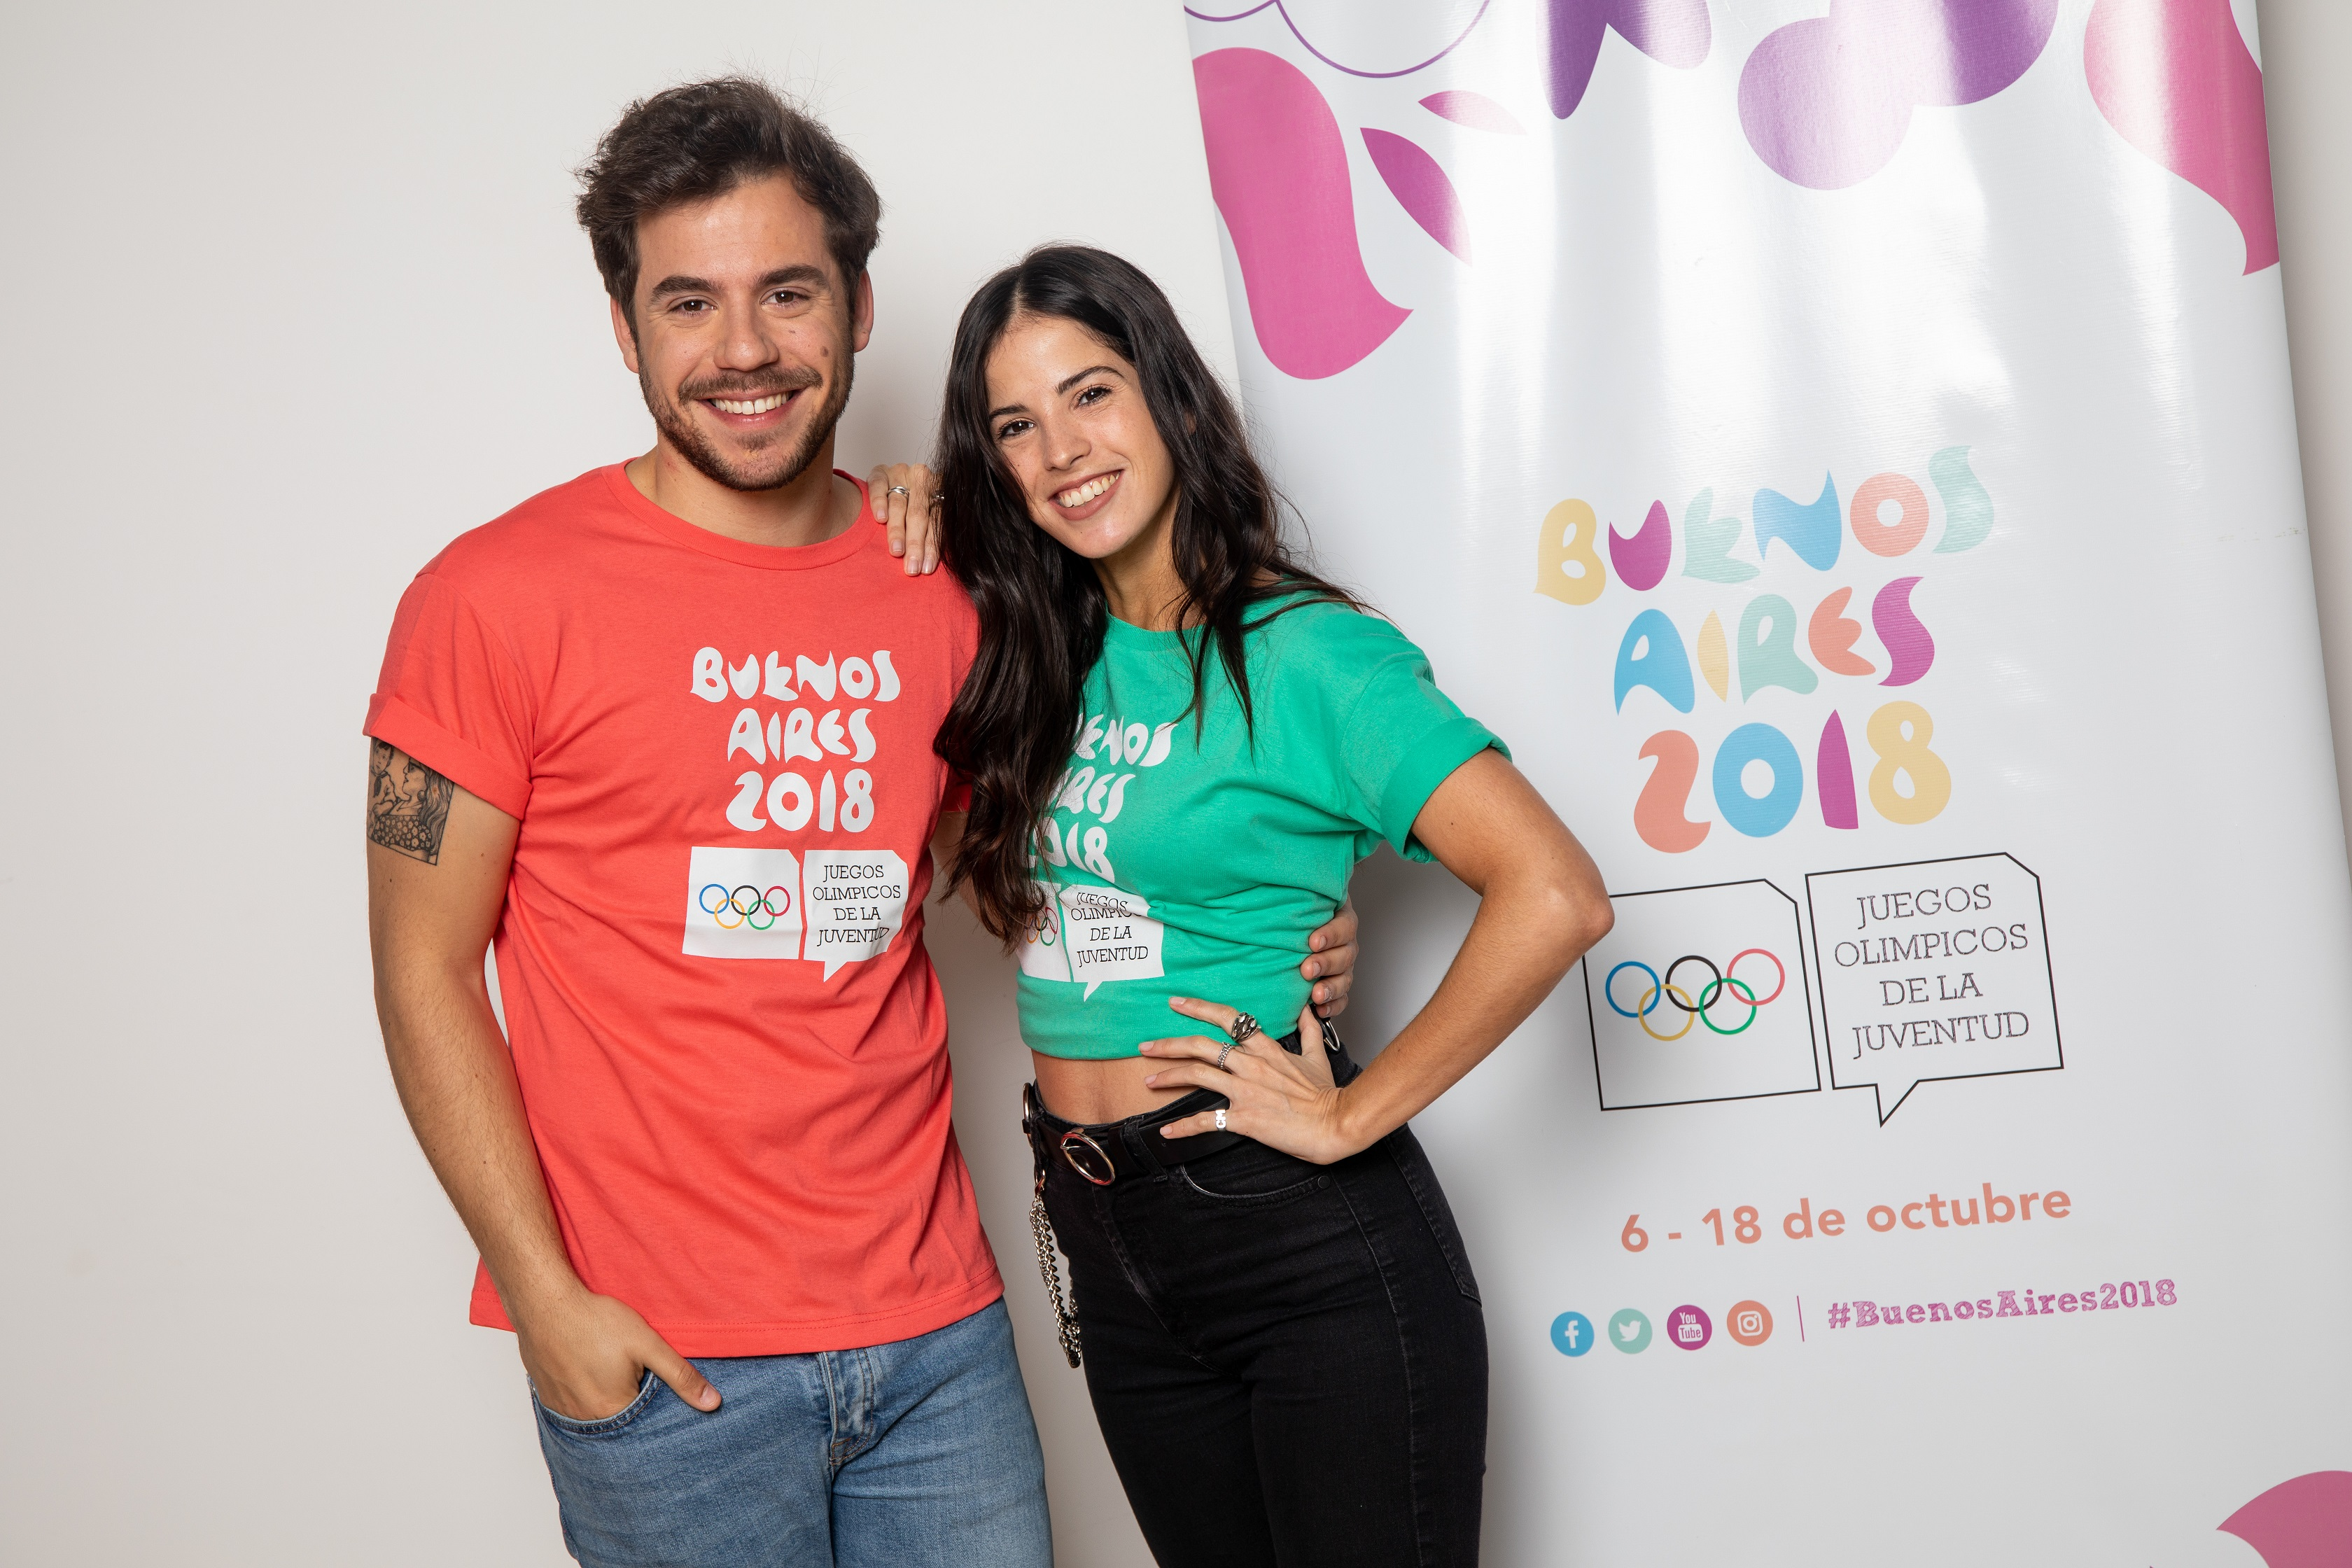 Disney participará de los Juegos Olímpicos de la Juventud Buenos Aires 2018 con la creación de su canción oficial y un espacio interactivo